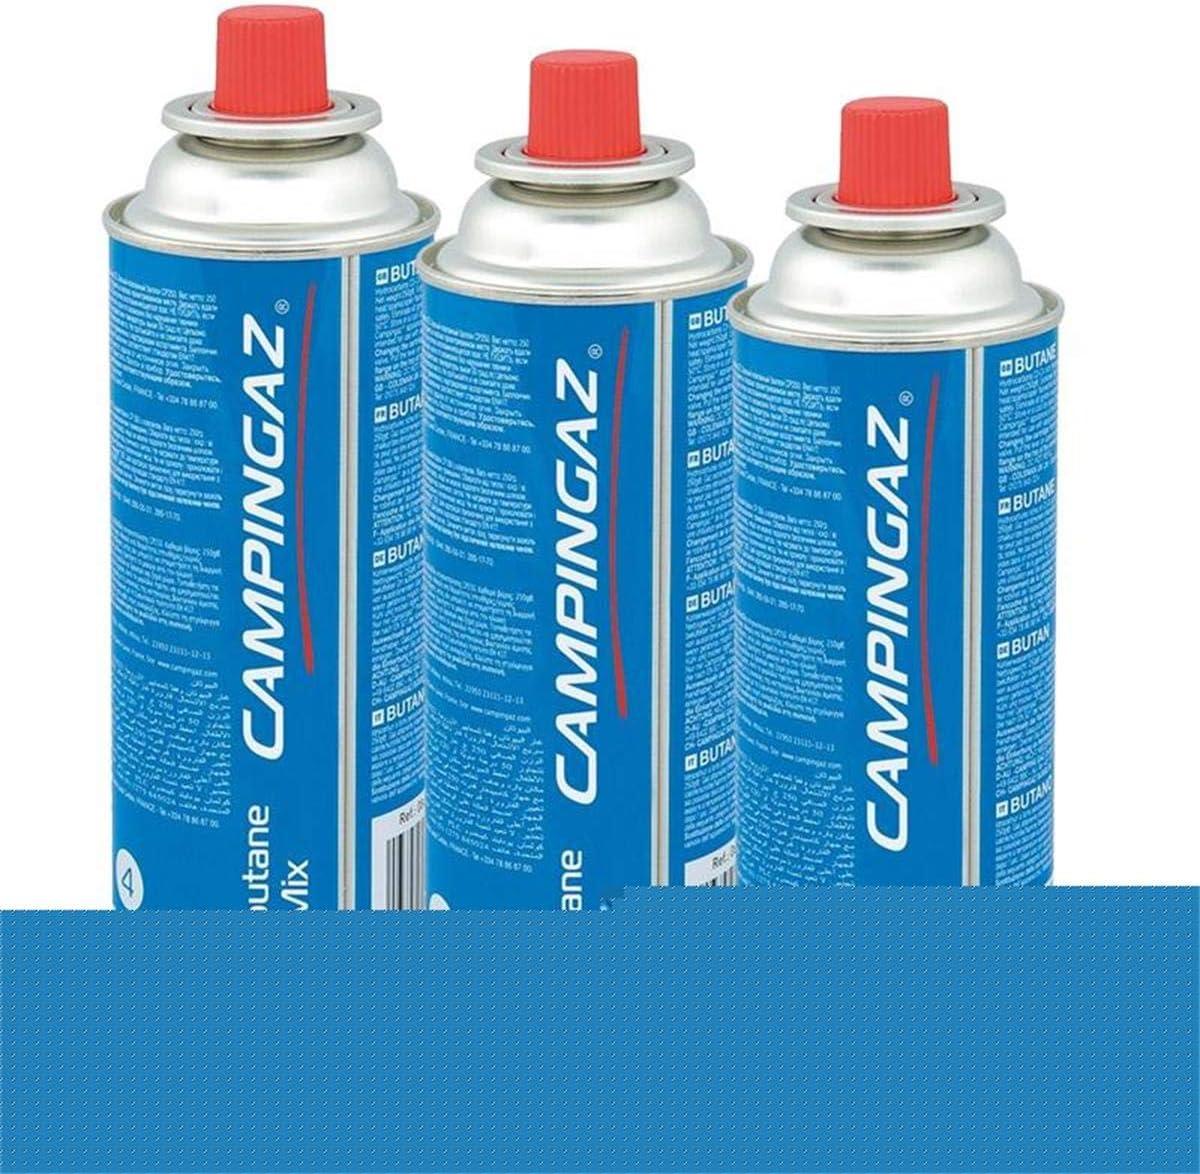 Campingaz Válvula de gas cartucho CP 250 – 450 ml isobutane Mix (3 unidades)